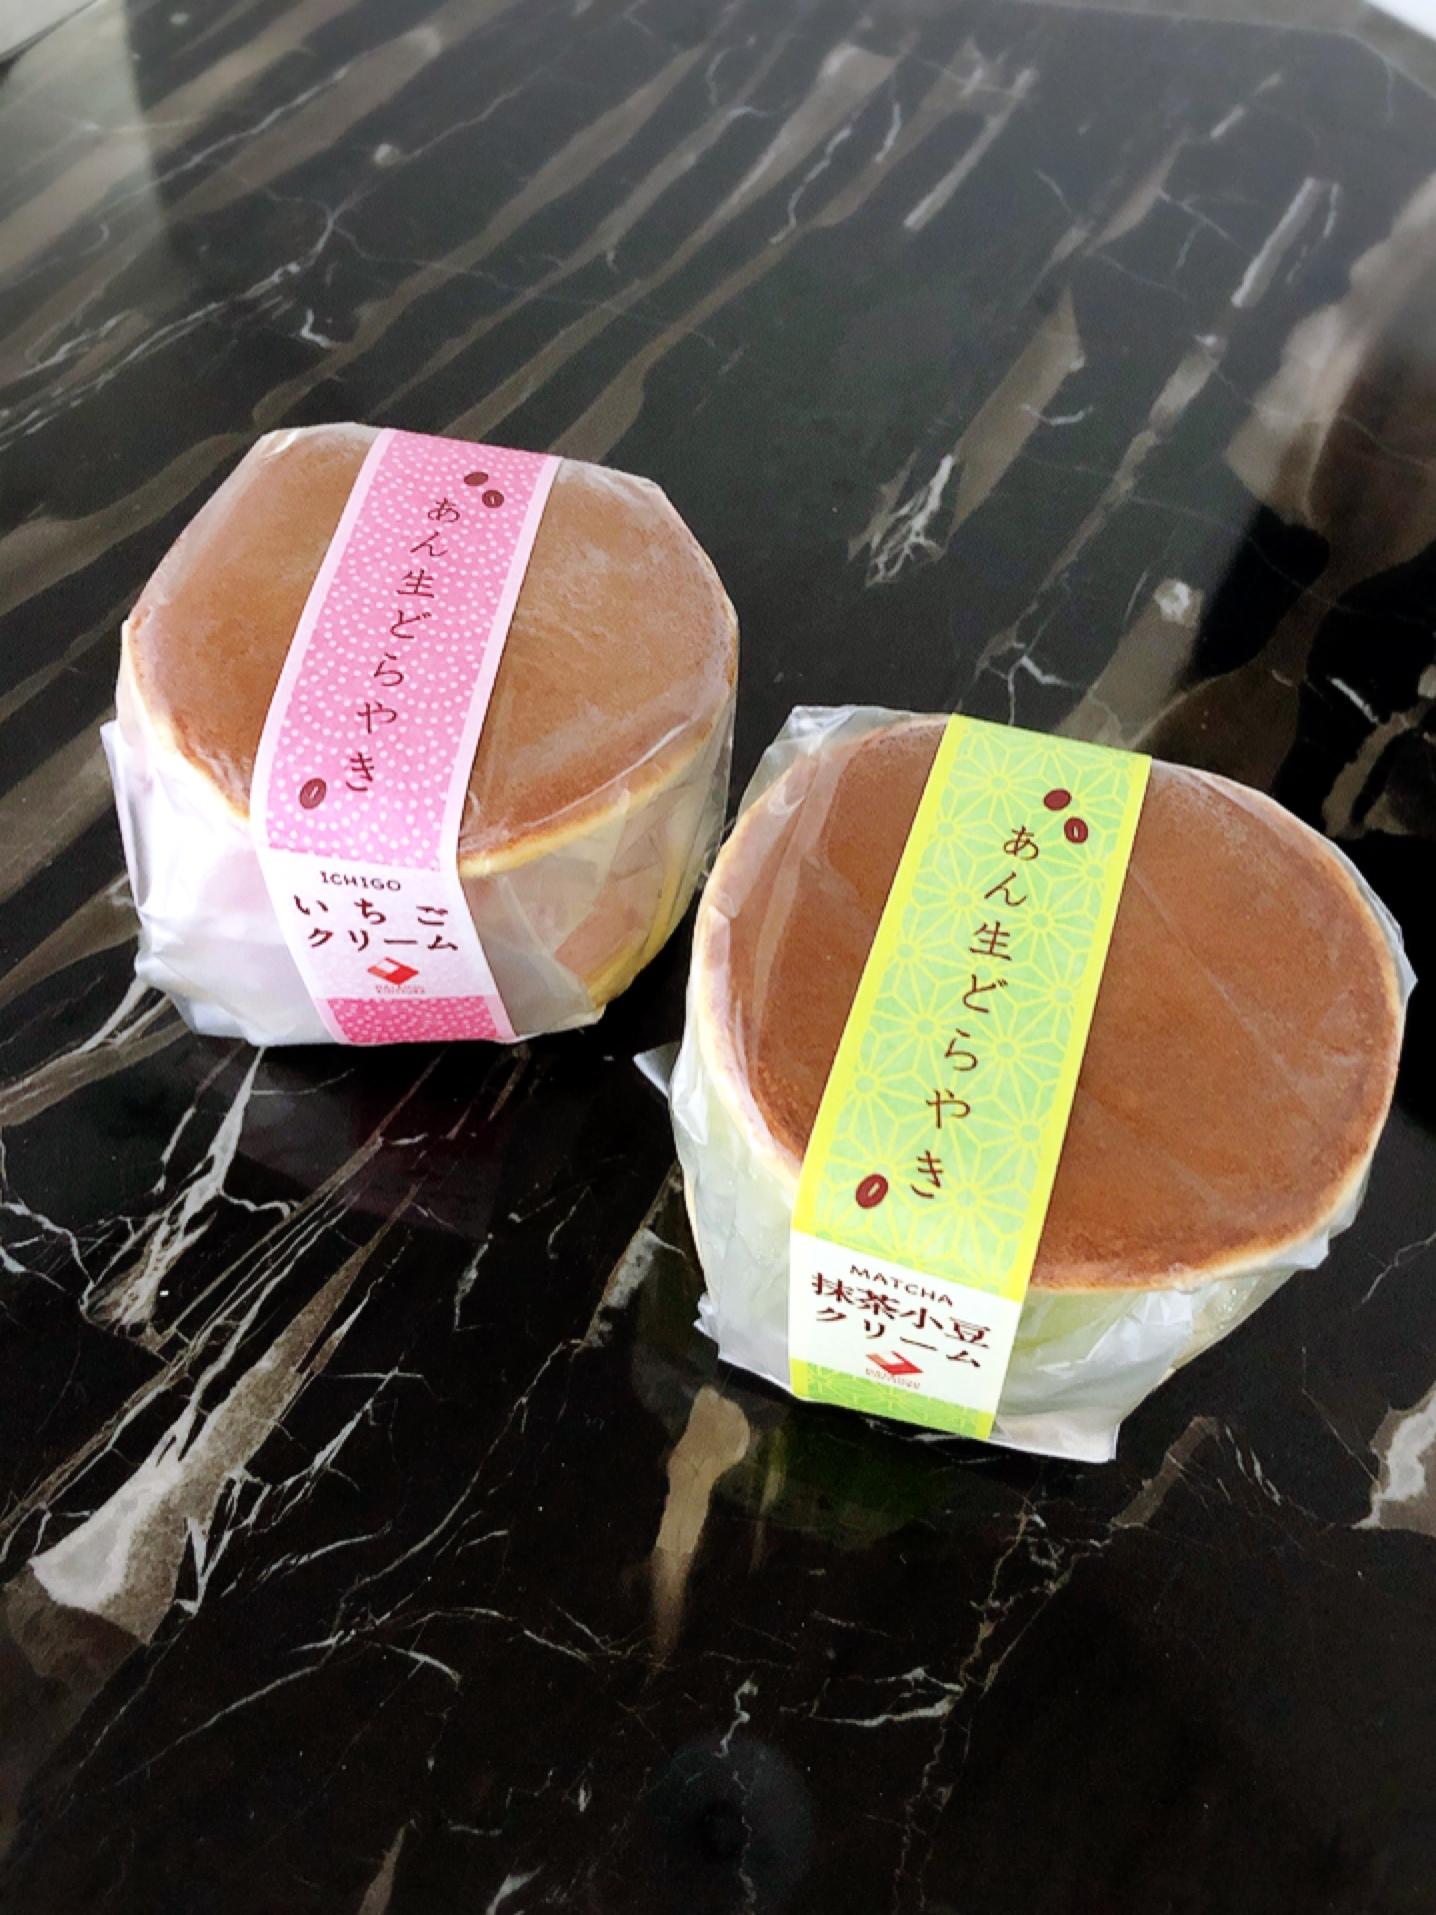 【#静岡】お取り寄せスイーツ♡静岡の和菓子老舗店の見た目も可愛い˚✧あん生どら焼き_7